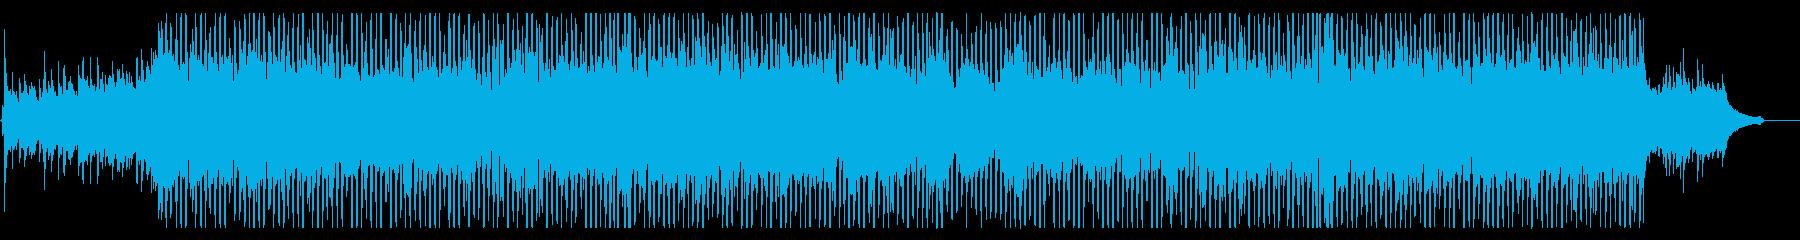 【生演奏】天気予報・朝番組OP・爽やかBの再生済みの波形